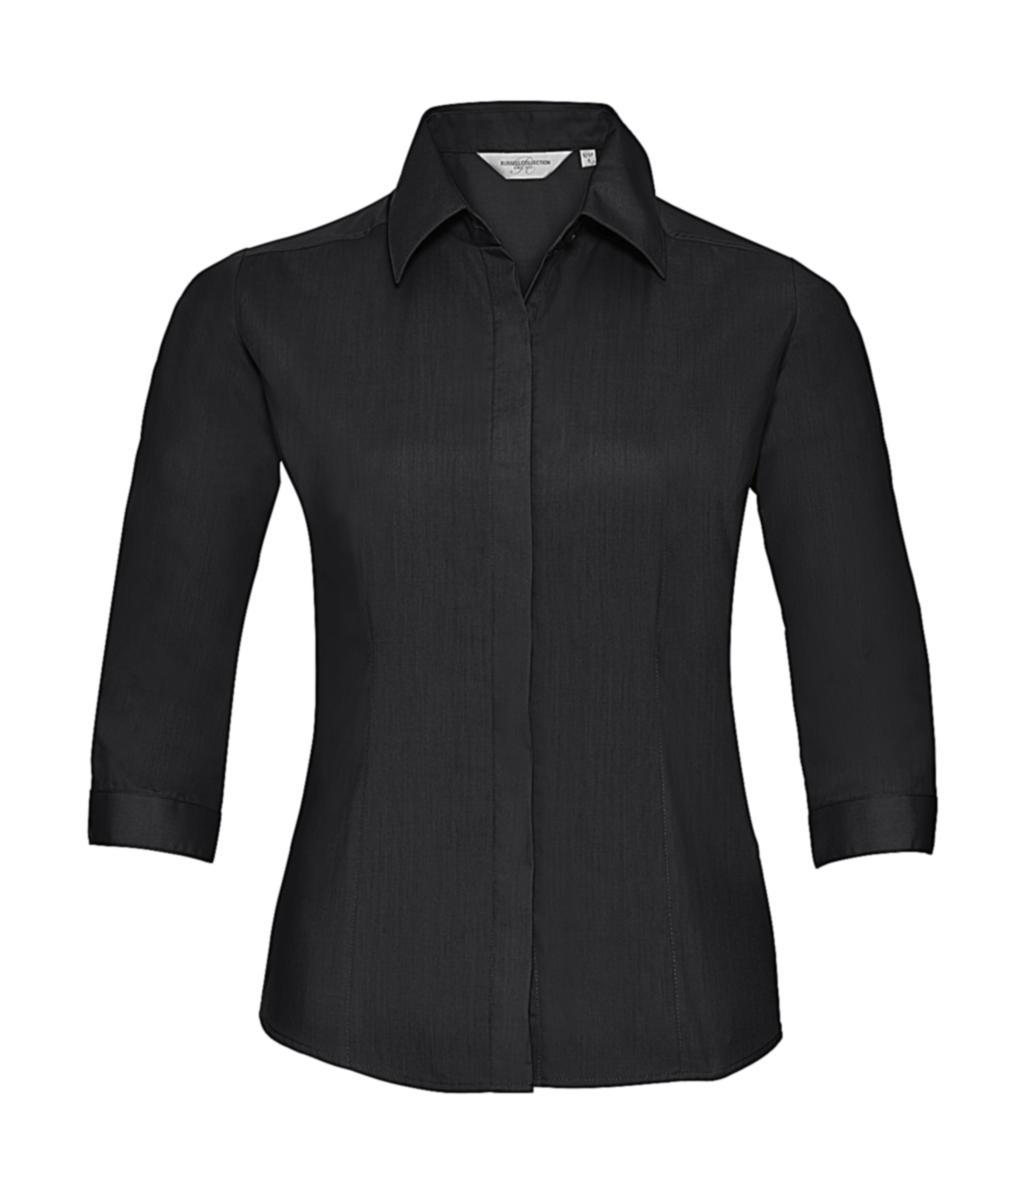 Košile Poplin s 3/4 rukávem - zvìtšit obrázek